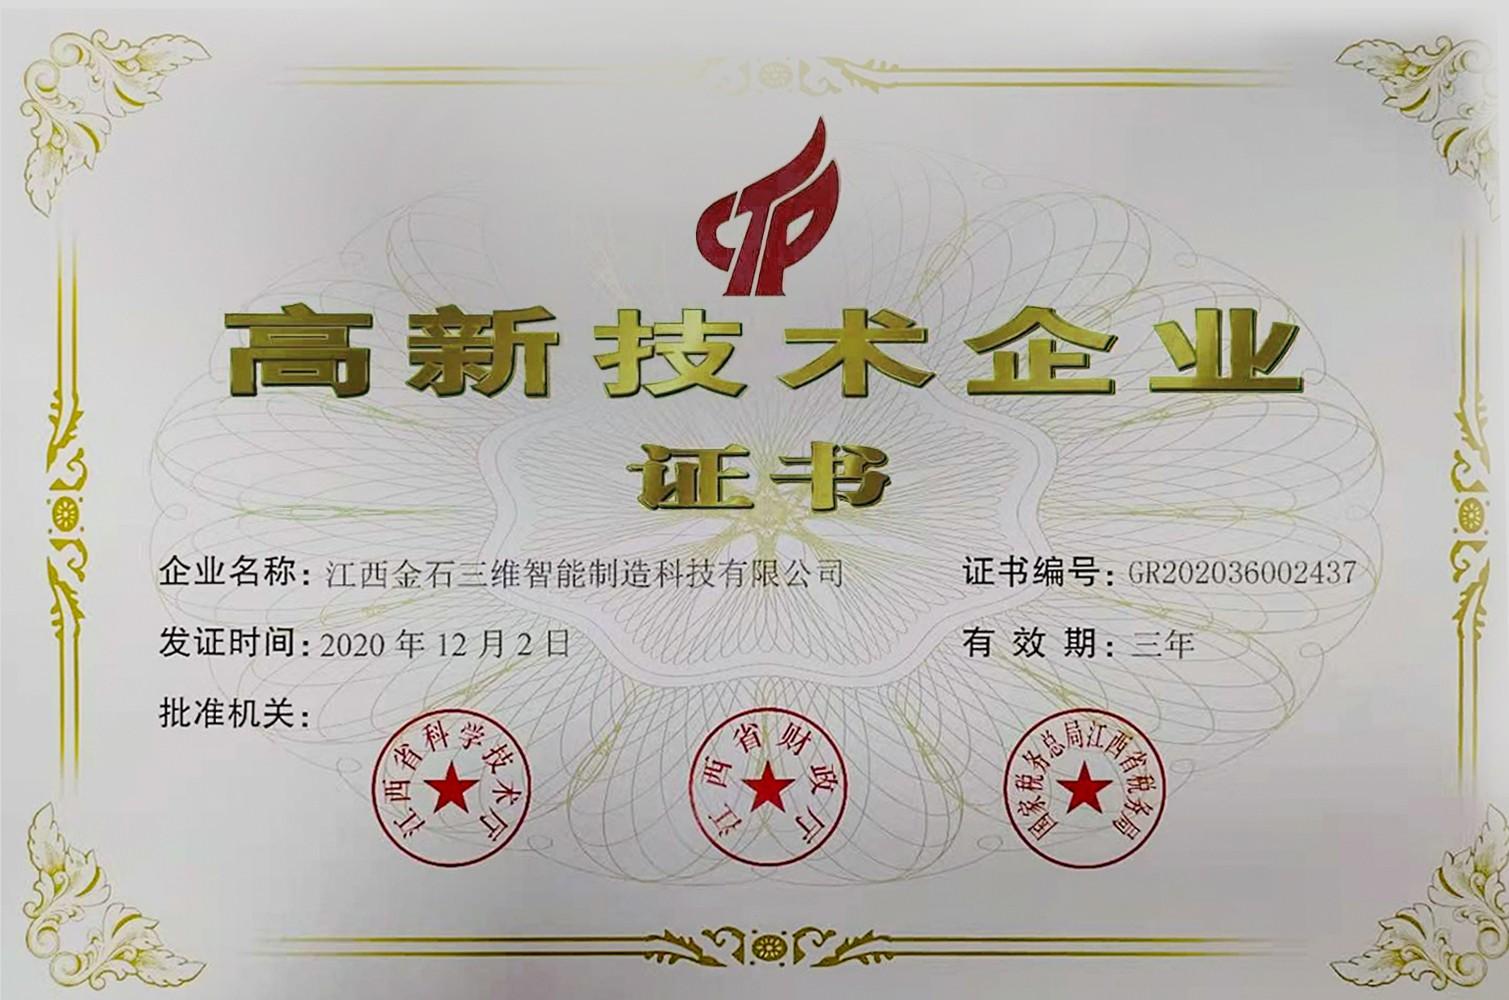 热烈祝贺江西金石三维智能制造科技有限公司荣获国家高新技术企业认定